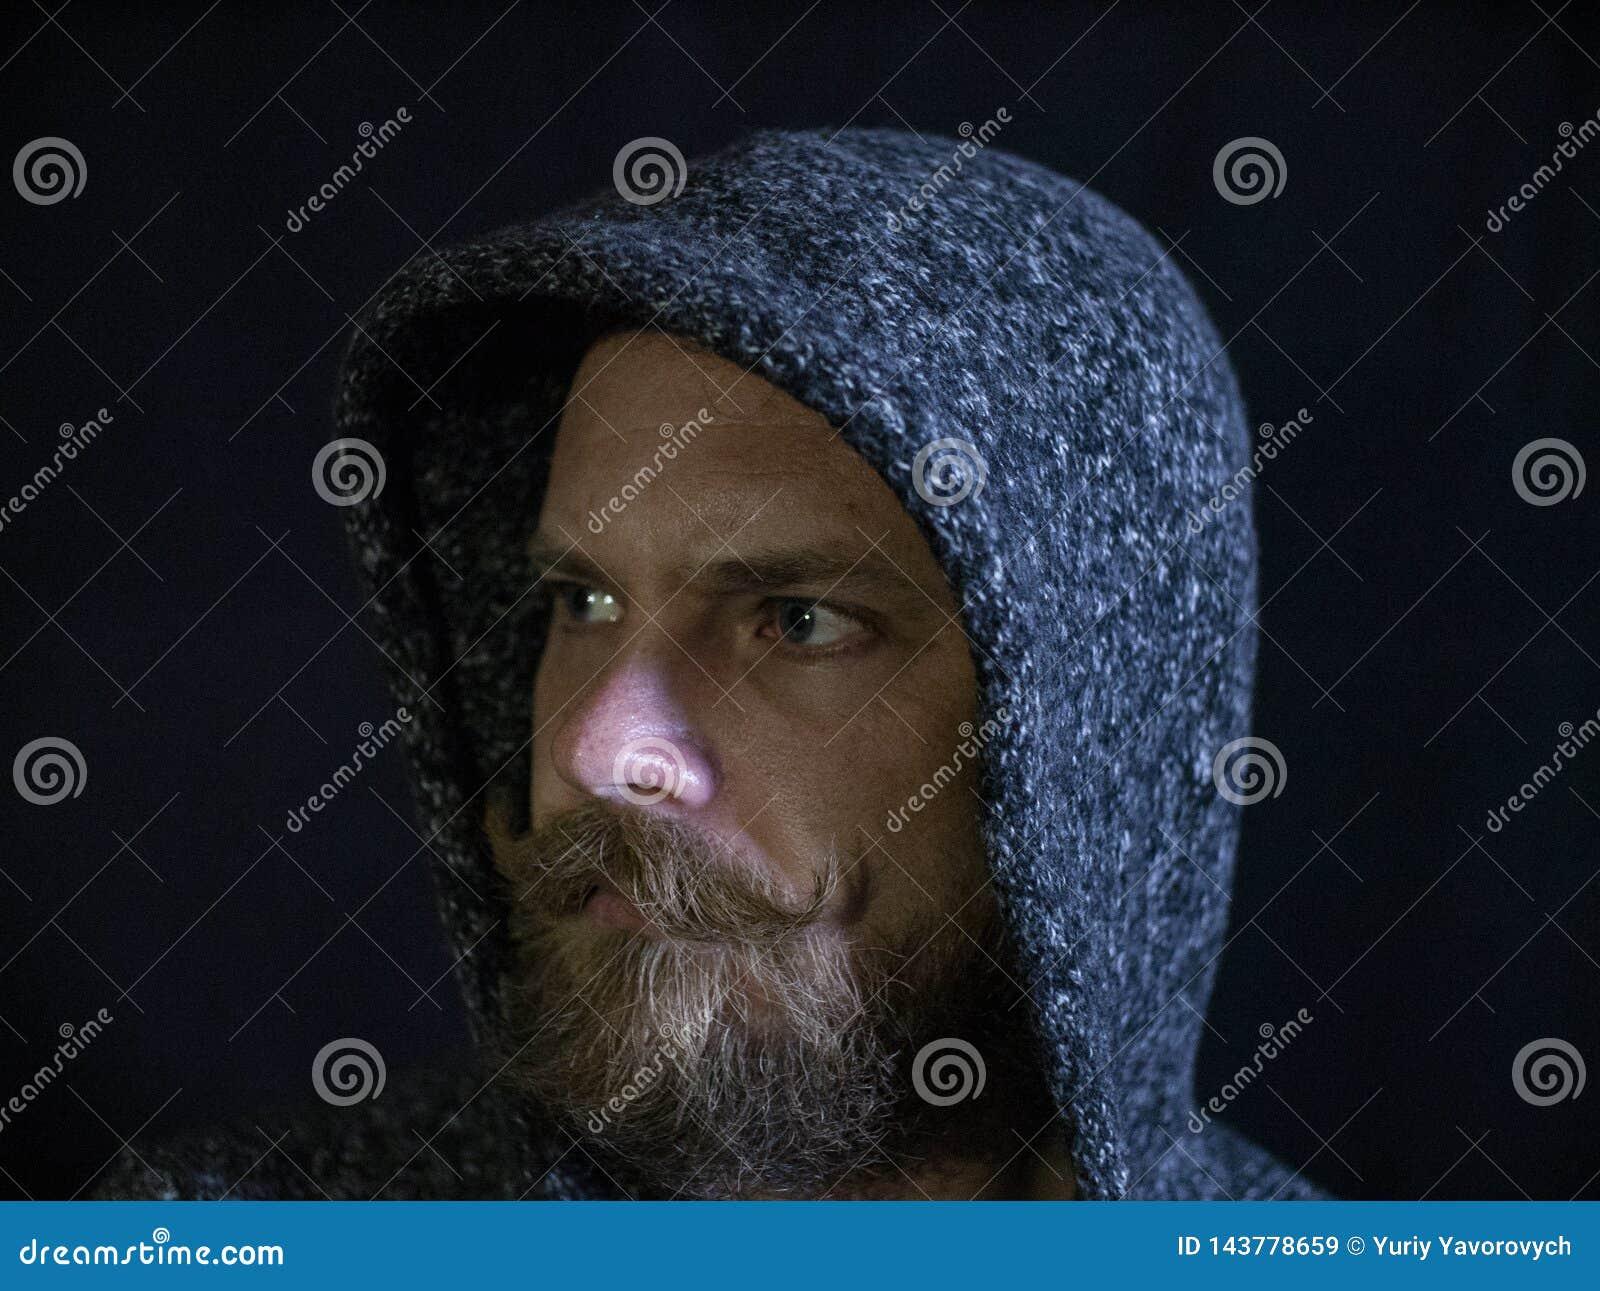 Ritratto di un uomo con una barba e dei baffi nel cappuccio con un fronte serio su un fondo nero